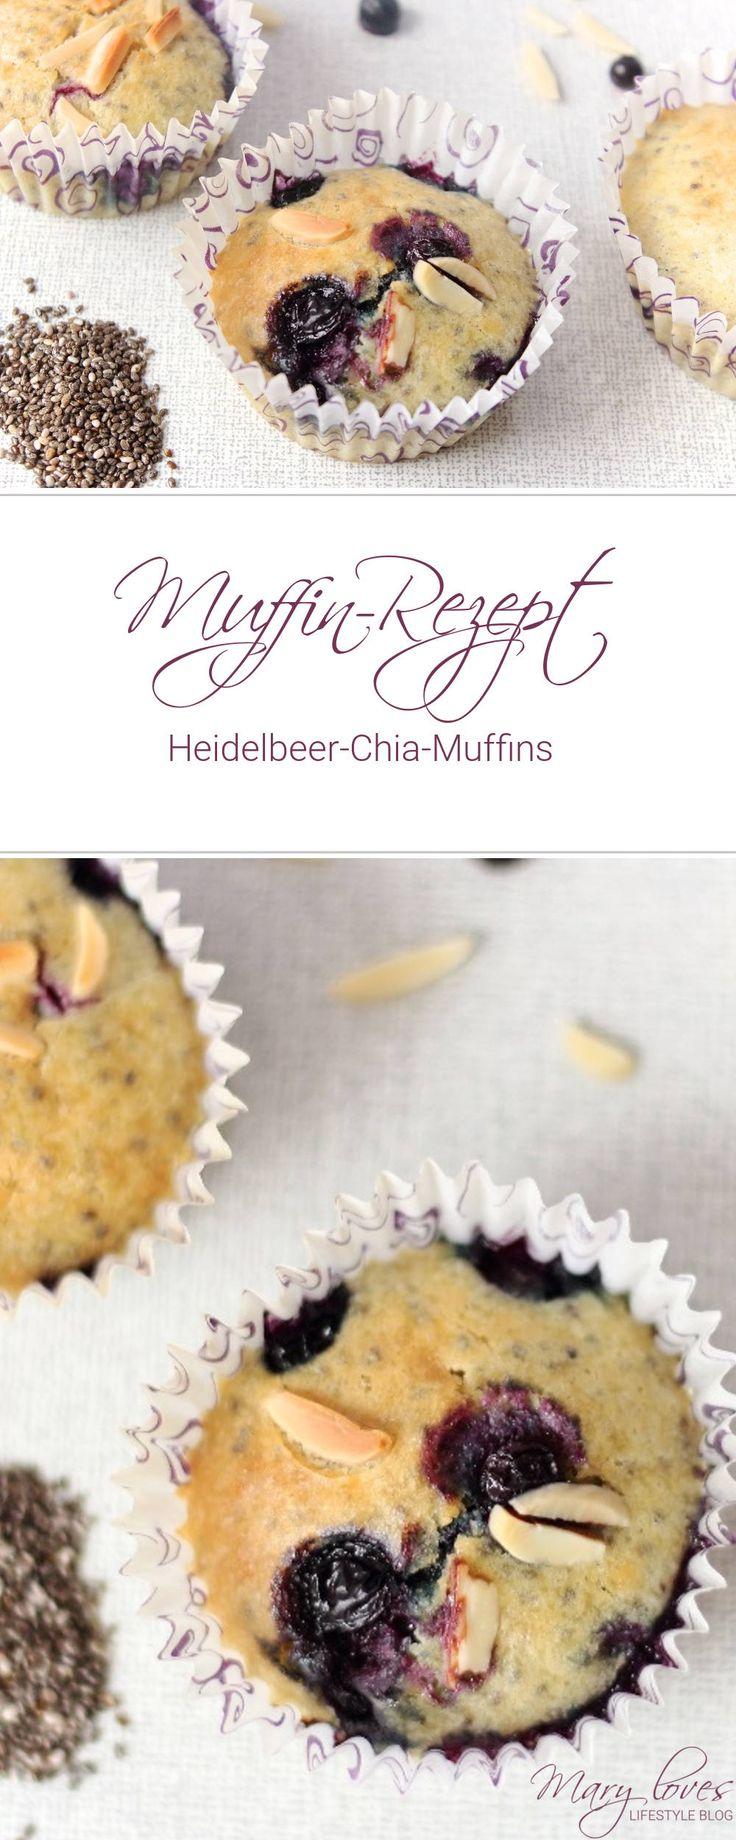 [Muffin-Rezept] Heidelbeer-Chia-Muffins - Muffins mit Chia Samen und Heidelbeeren - Superfood Muffins